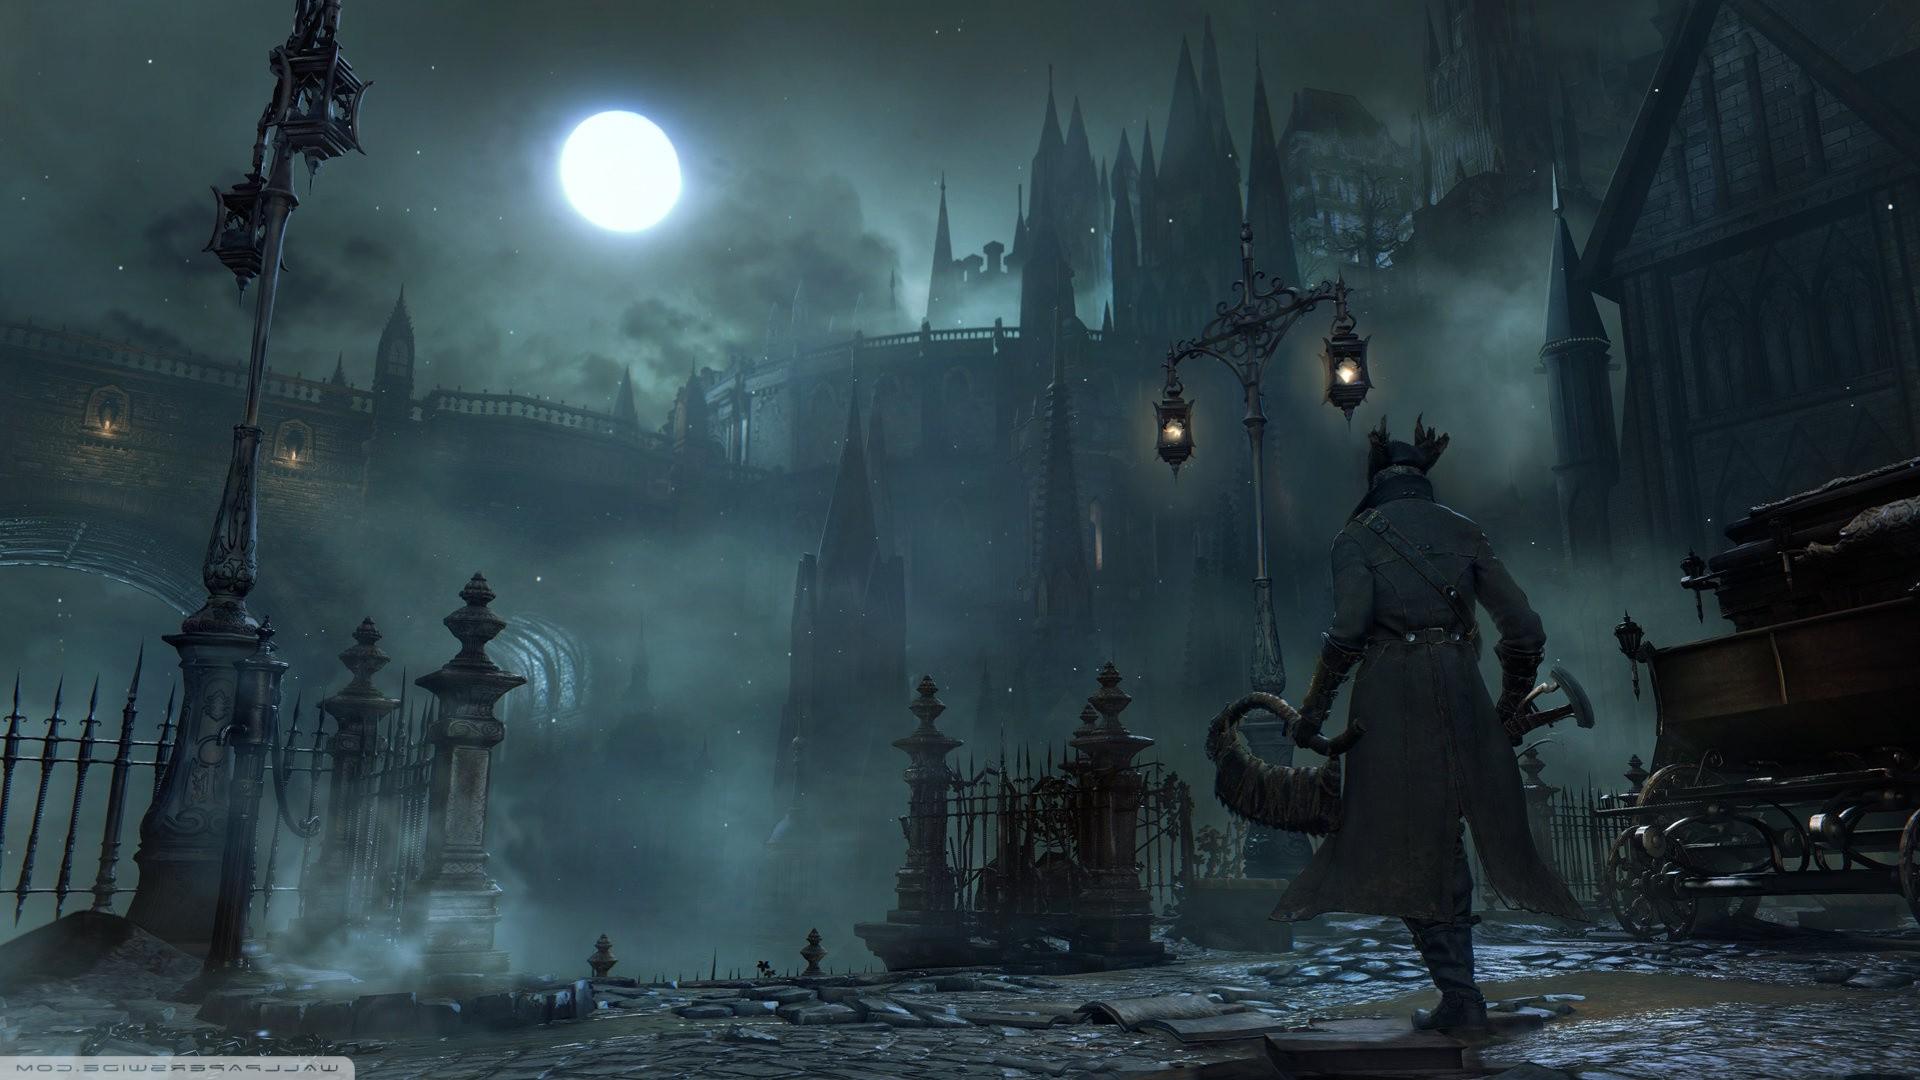 デスクトップ壁紙 ビデオゲーム 血まみれ 真夜中 幽霊船 闇